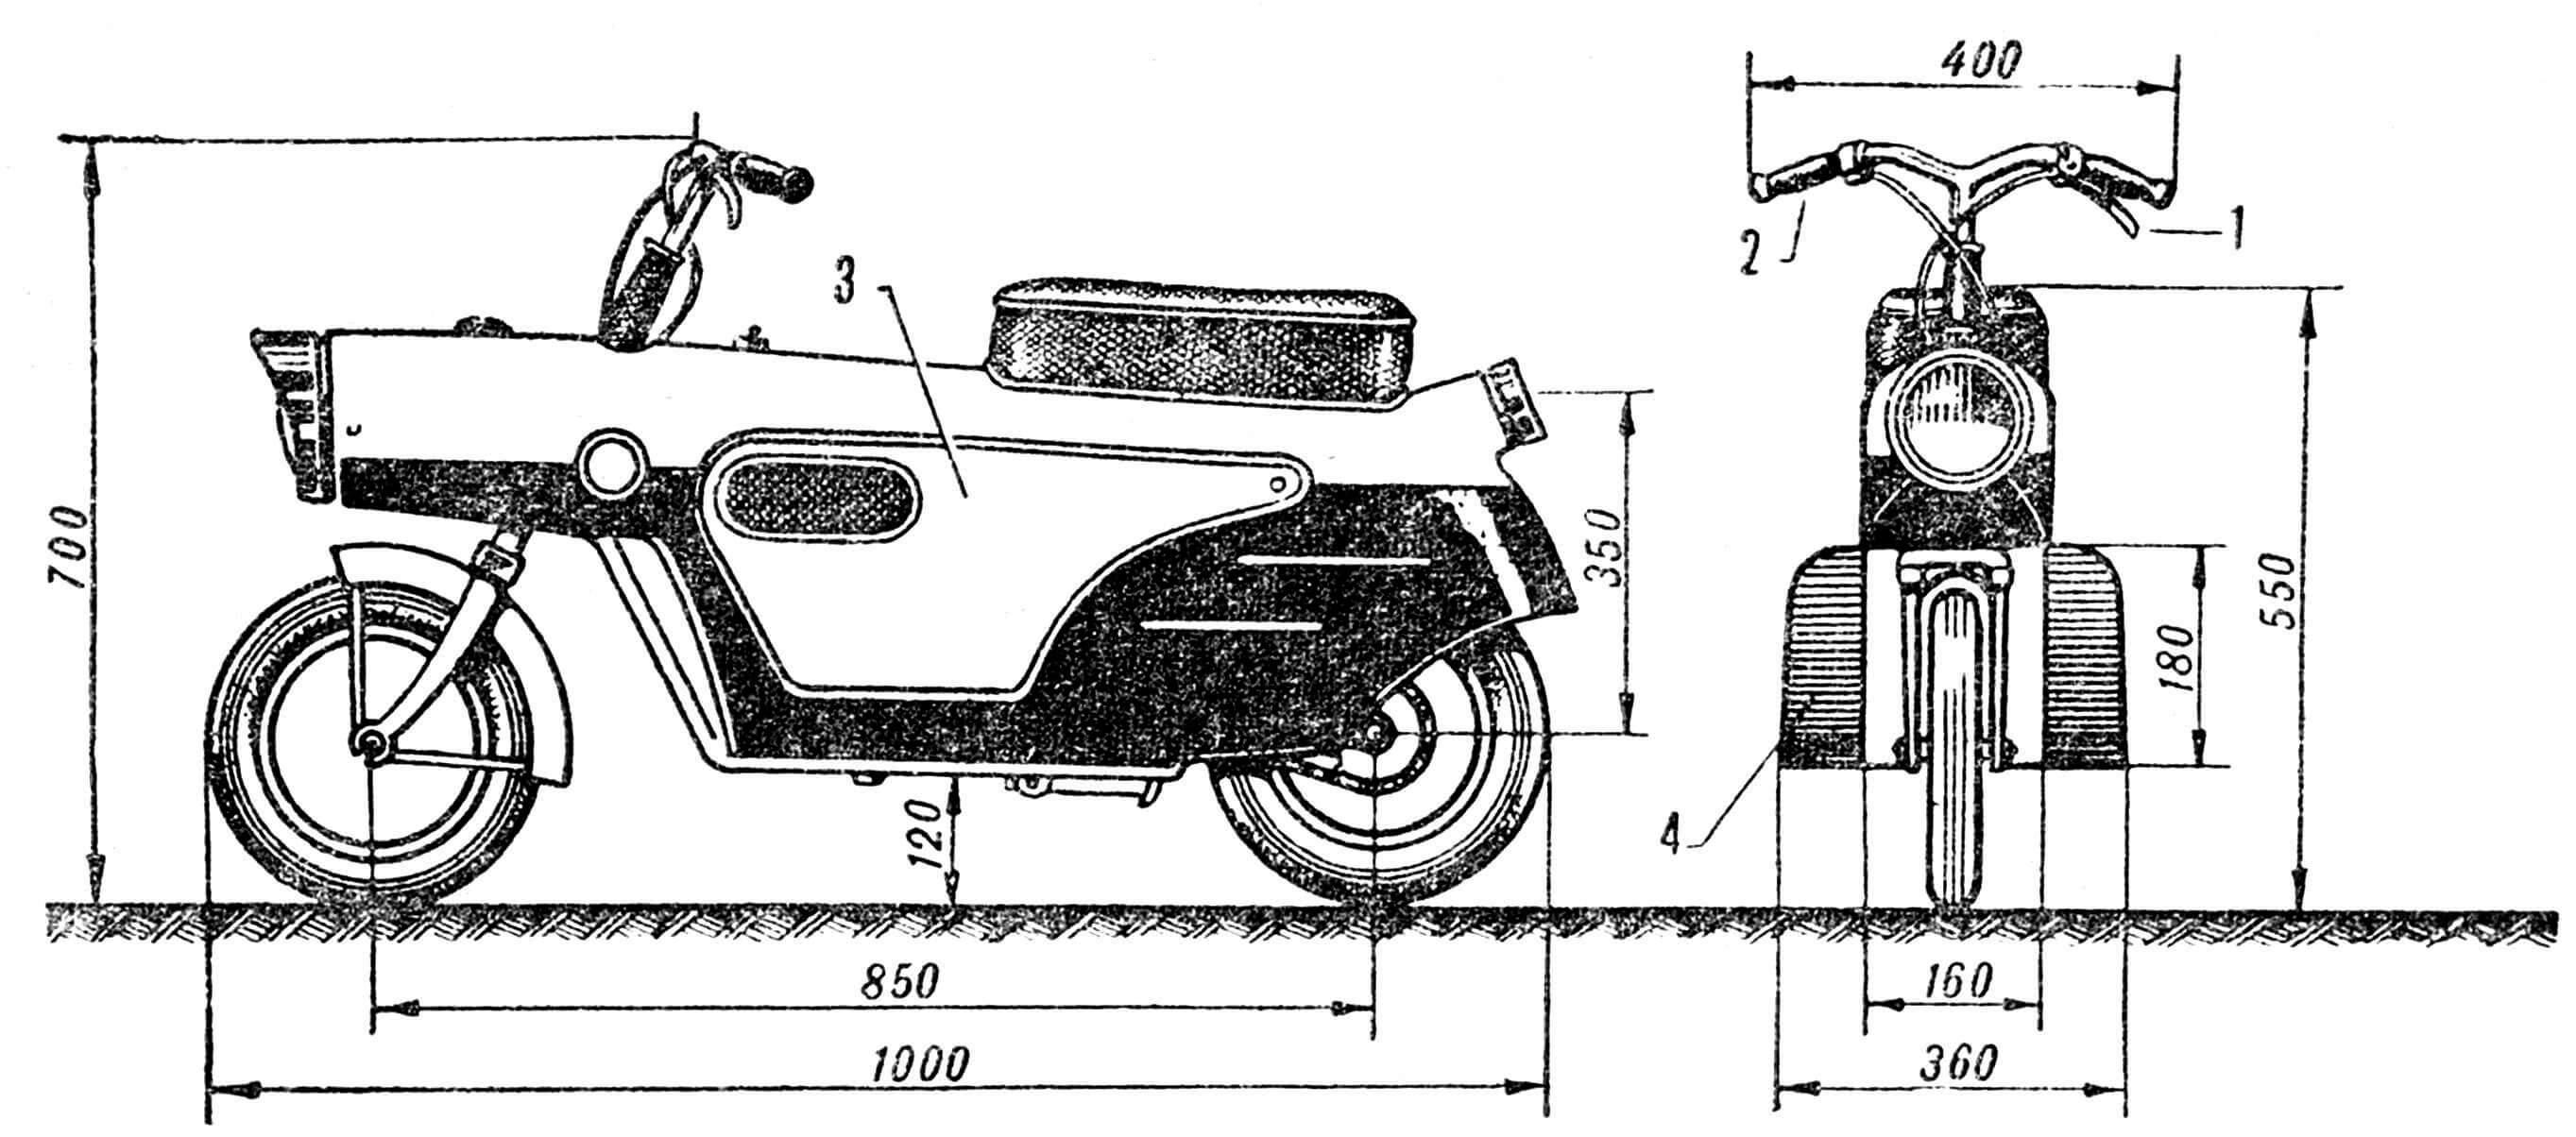 РИС. 1. ОБЩИЙ ВИД МИКРОМОТОЦИКЛА «БЕЛКА»: 1 — рычаг сцепления; 2 — рукоятка газа; 3 — крышки окон для доступа к двигателю; 4 — подножки с брызговиками.